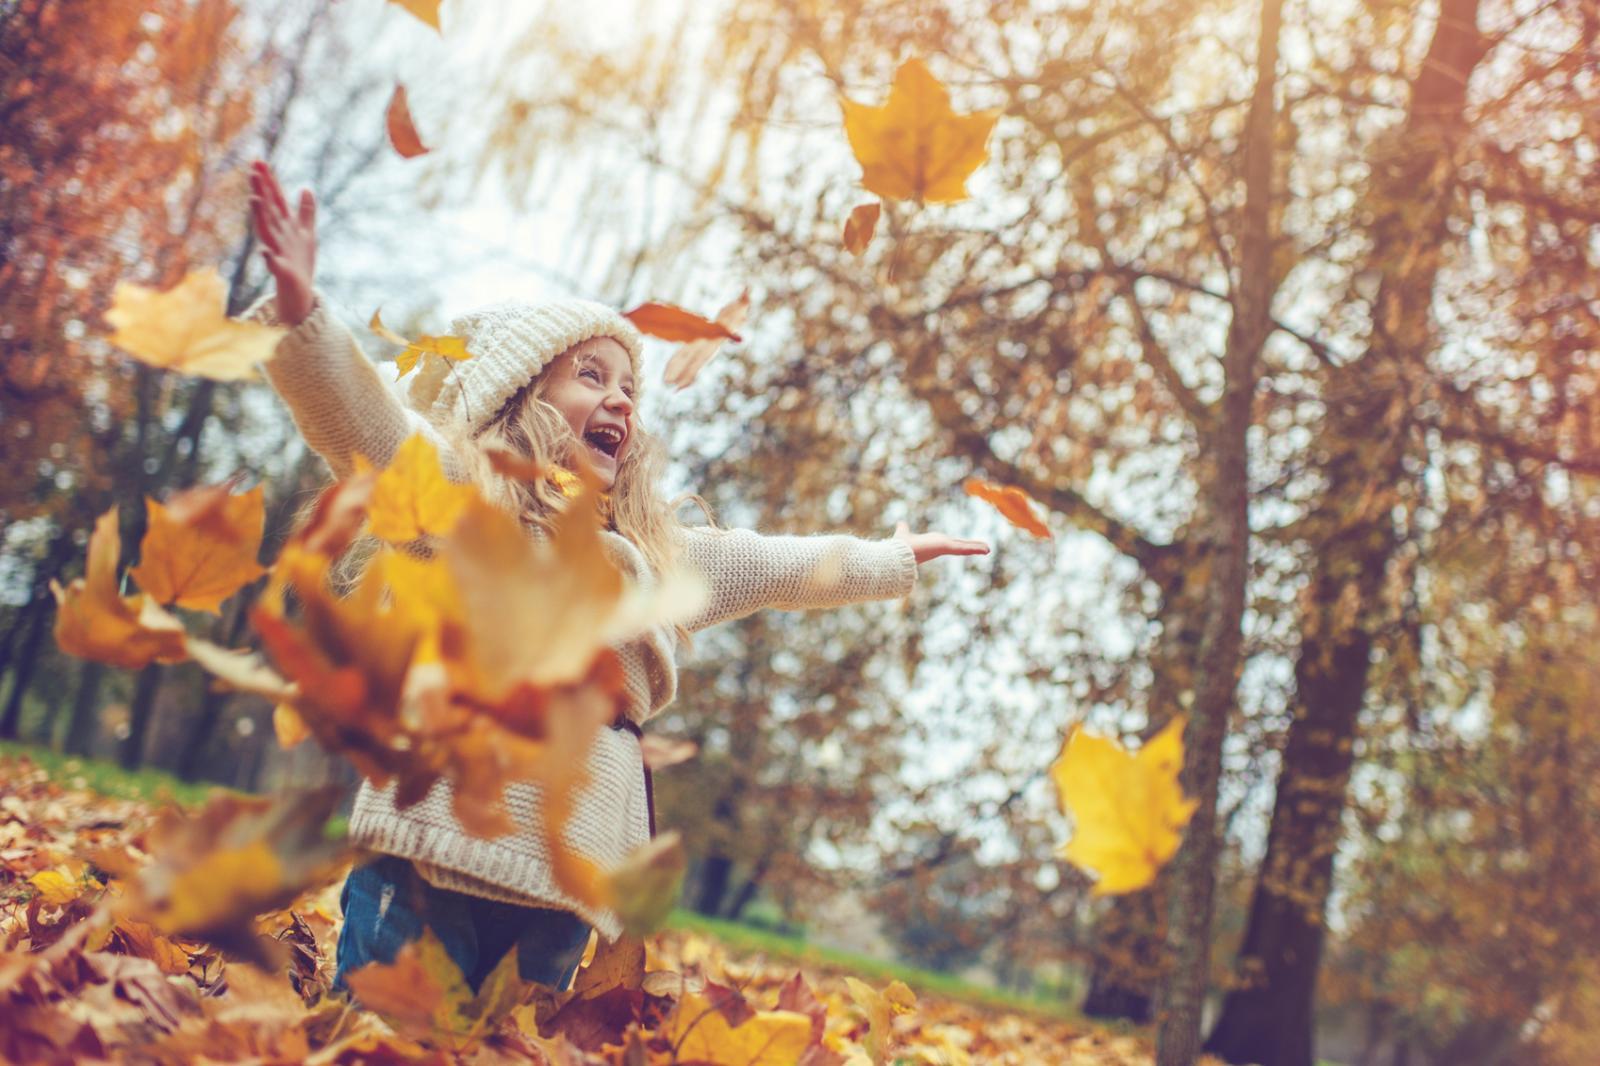 Ne treba se bojati hladnoće, samo je potrebno odabrati odjeću i obuću prikladnu za vremenske uvjete.